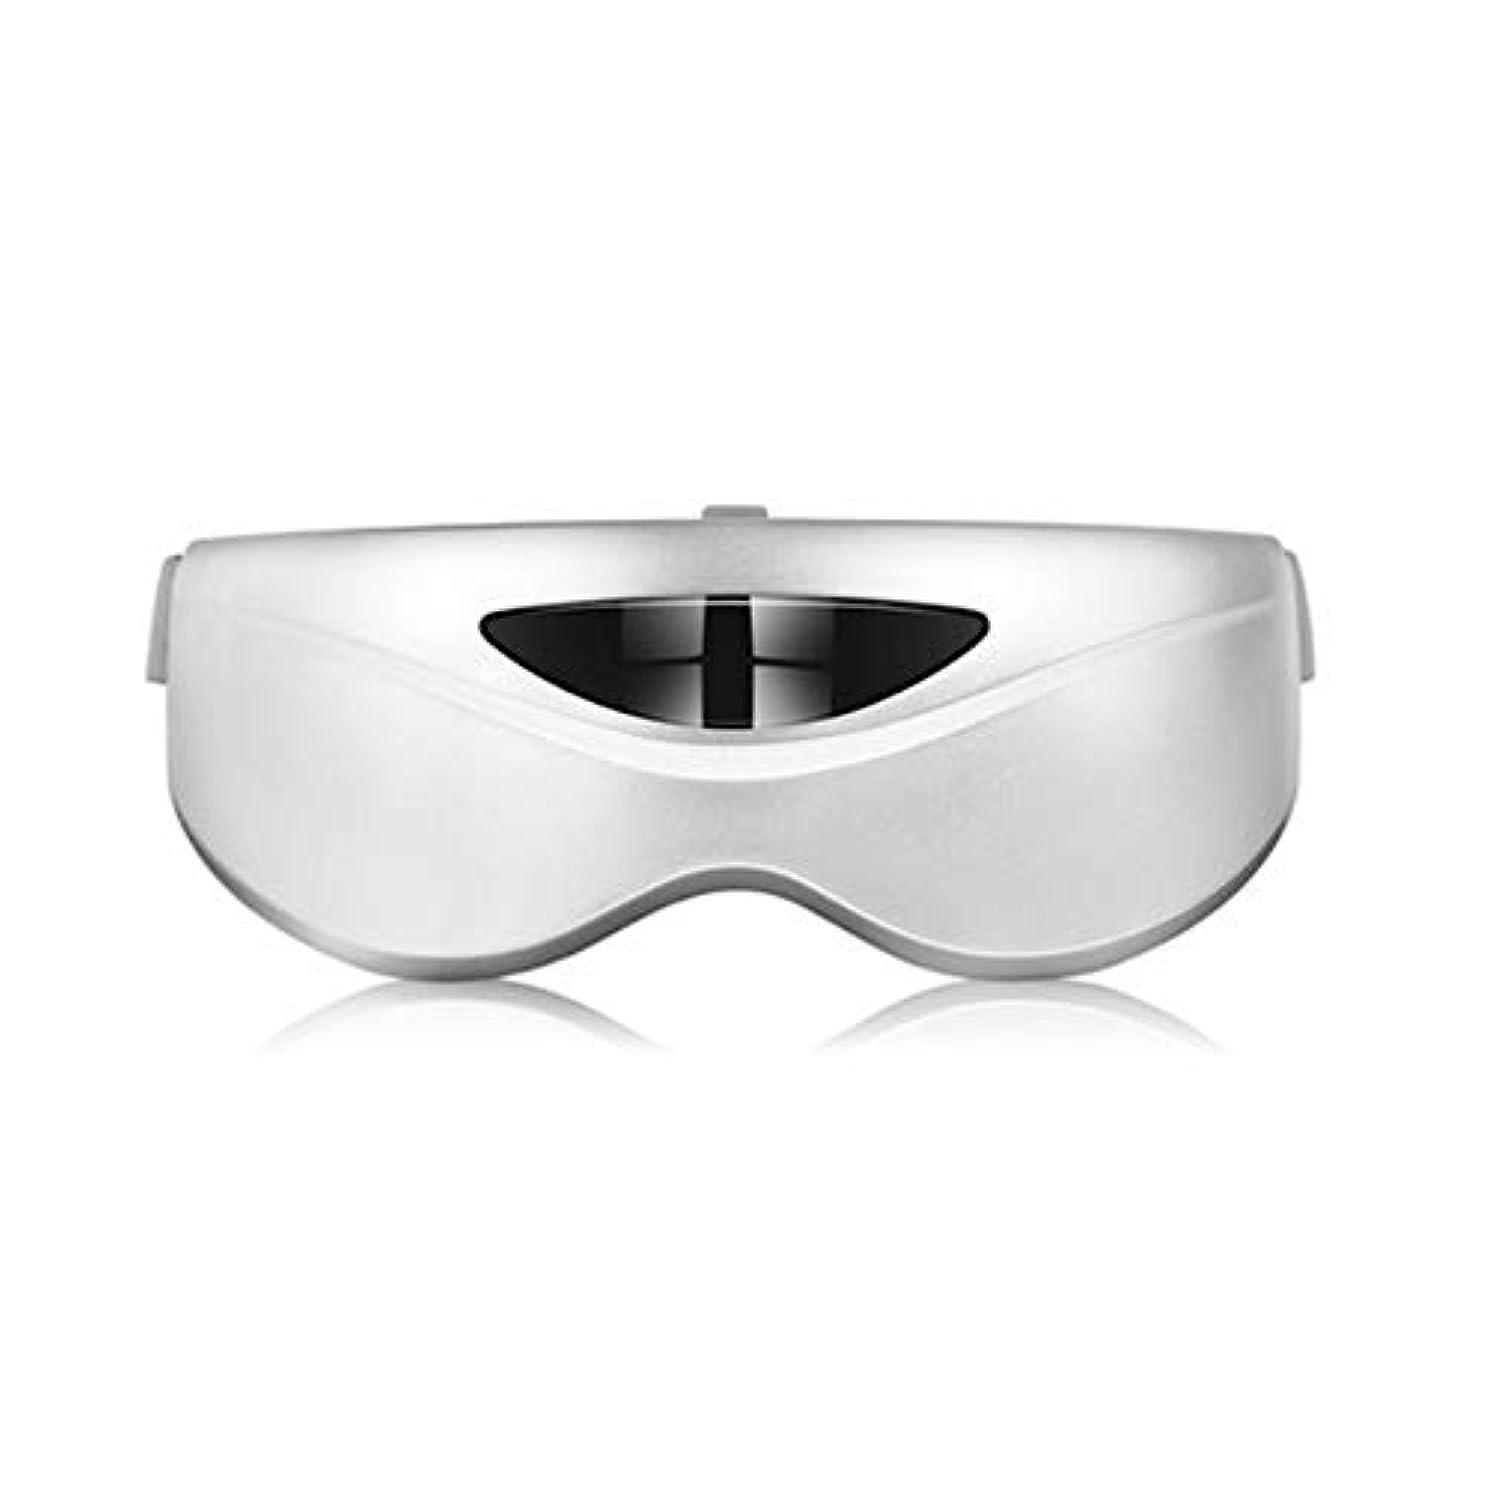 屋内愛情深い金額マッサージ器 - 熱を緩和するアイケア機器アイマスク疲労マッサージ器 (Color : Silver)